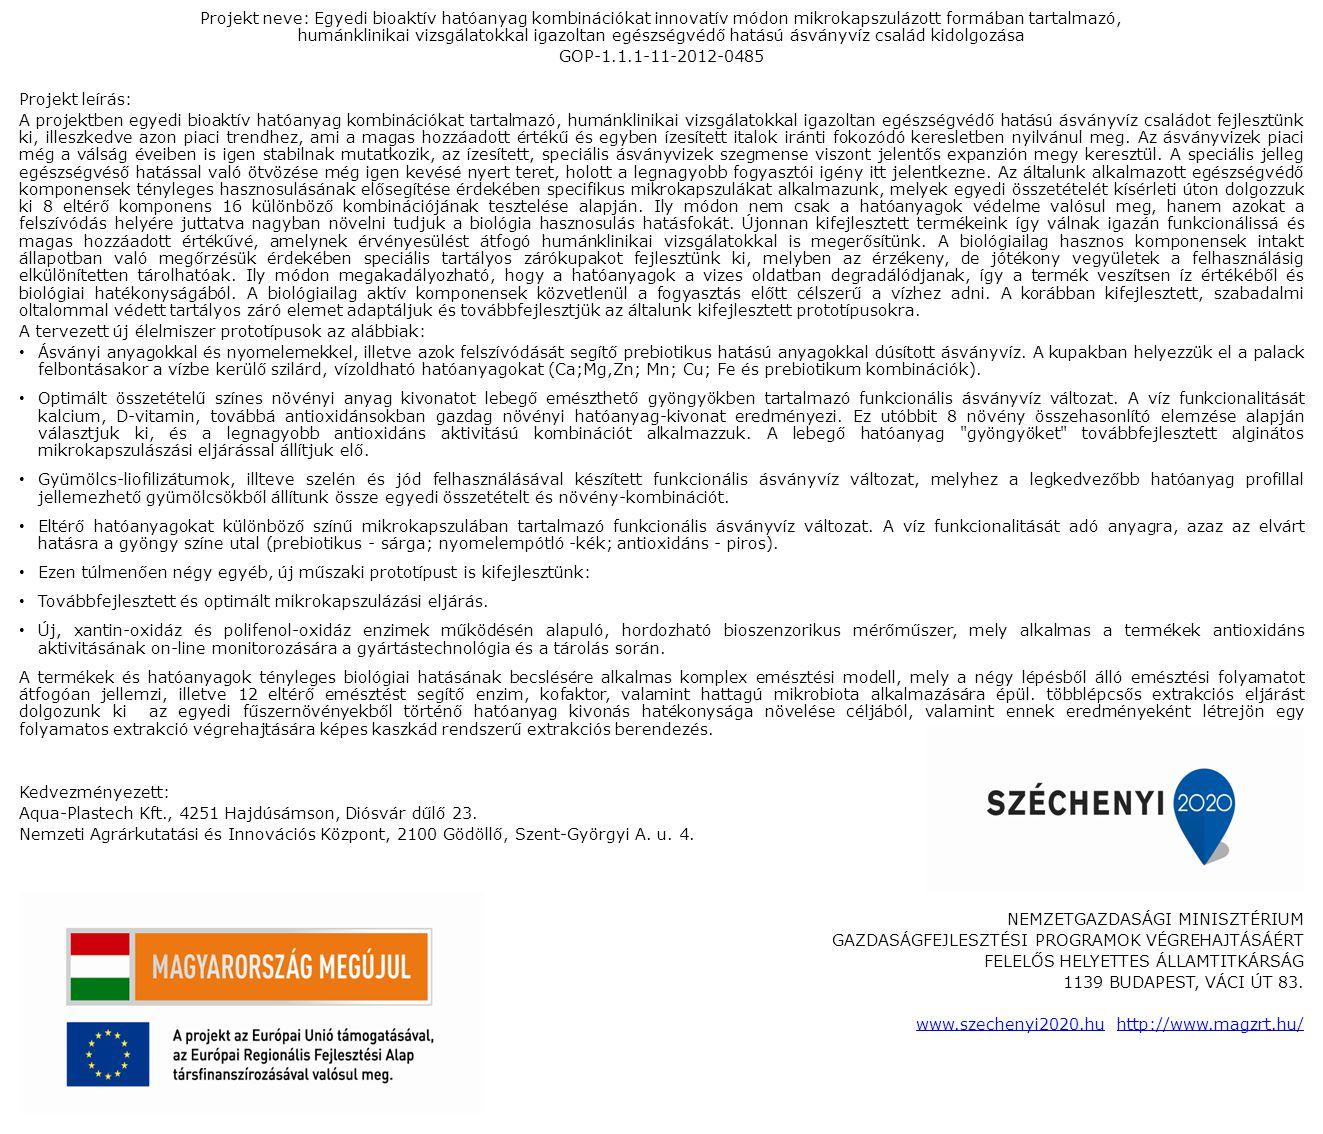 Projekt neve: Egyedi bioaktív hatóanyag kombinációkat innovatív módon mikrokapszulázott formában tartalmazó, humánklinikai vizsgálatokkal igazoltan egészségvédő hatású ásványvíz család kidolgozása GOP-1.1.1-11-2012-0485 Projekt leírás: A projektben egyedi bioaktív hatóanyag kombinációkat tartalmazó, humánklinikai vizsgálatokkal igazoltan egészségvédő hatású ásványvíz családot fejlesztünk ki, illeszkedve azon piaci trendhez, ami a magas hozzáadott értékű és egyben ízesített italok iránti fokozódó keresletben nyilvánul meg.